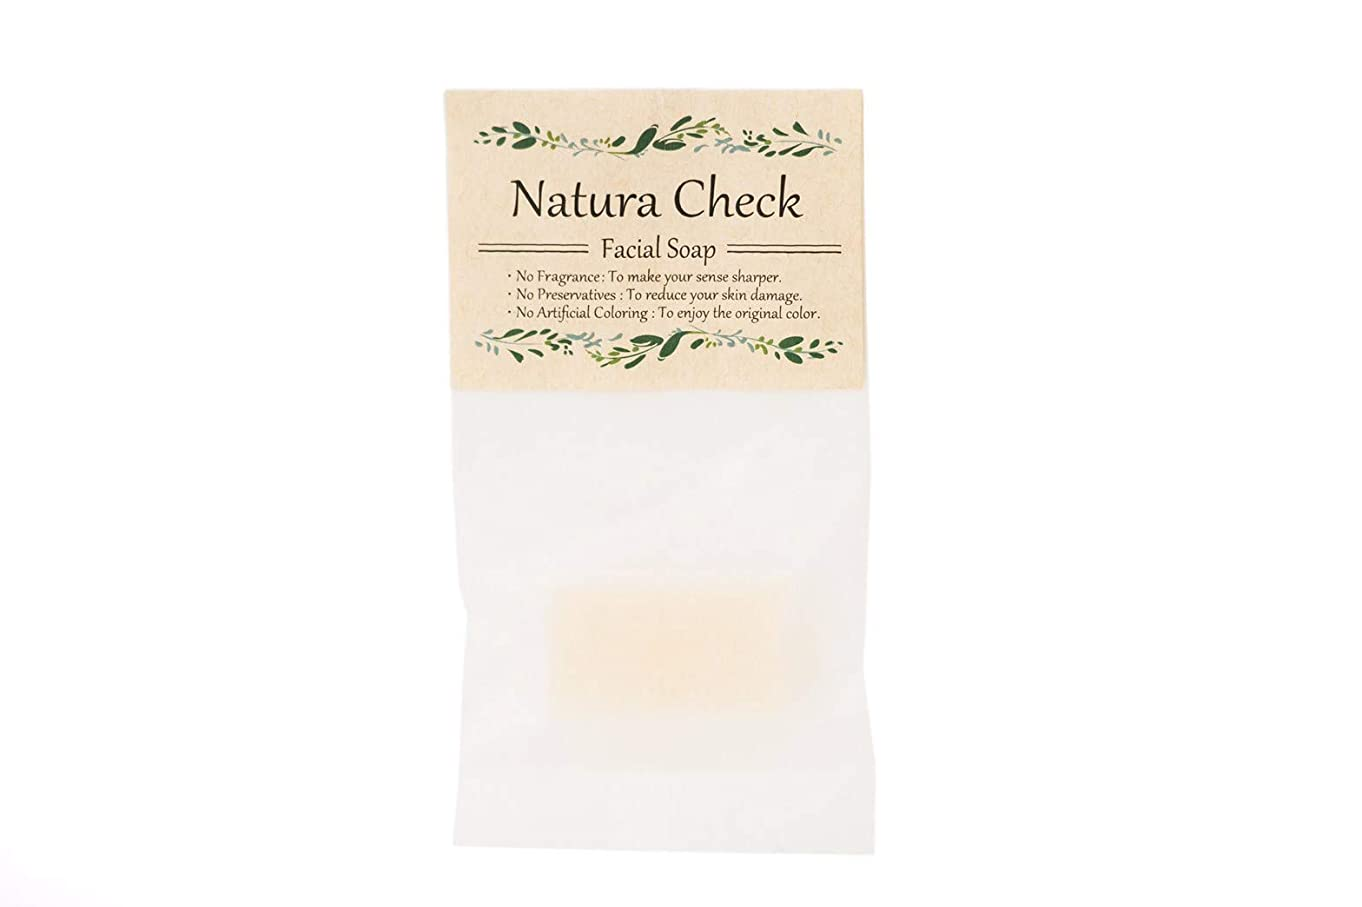 染料がんばり続けるクレジットNatura Check(ナチュラチェック)無添加洗顔せっけん10g お試し?トラベル用サイズ